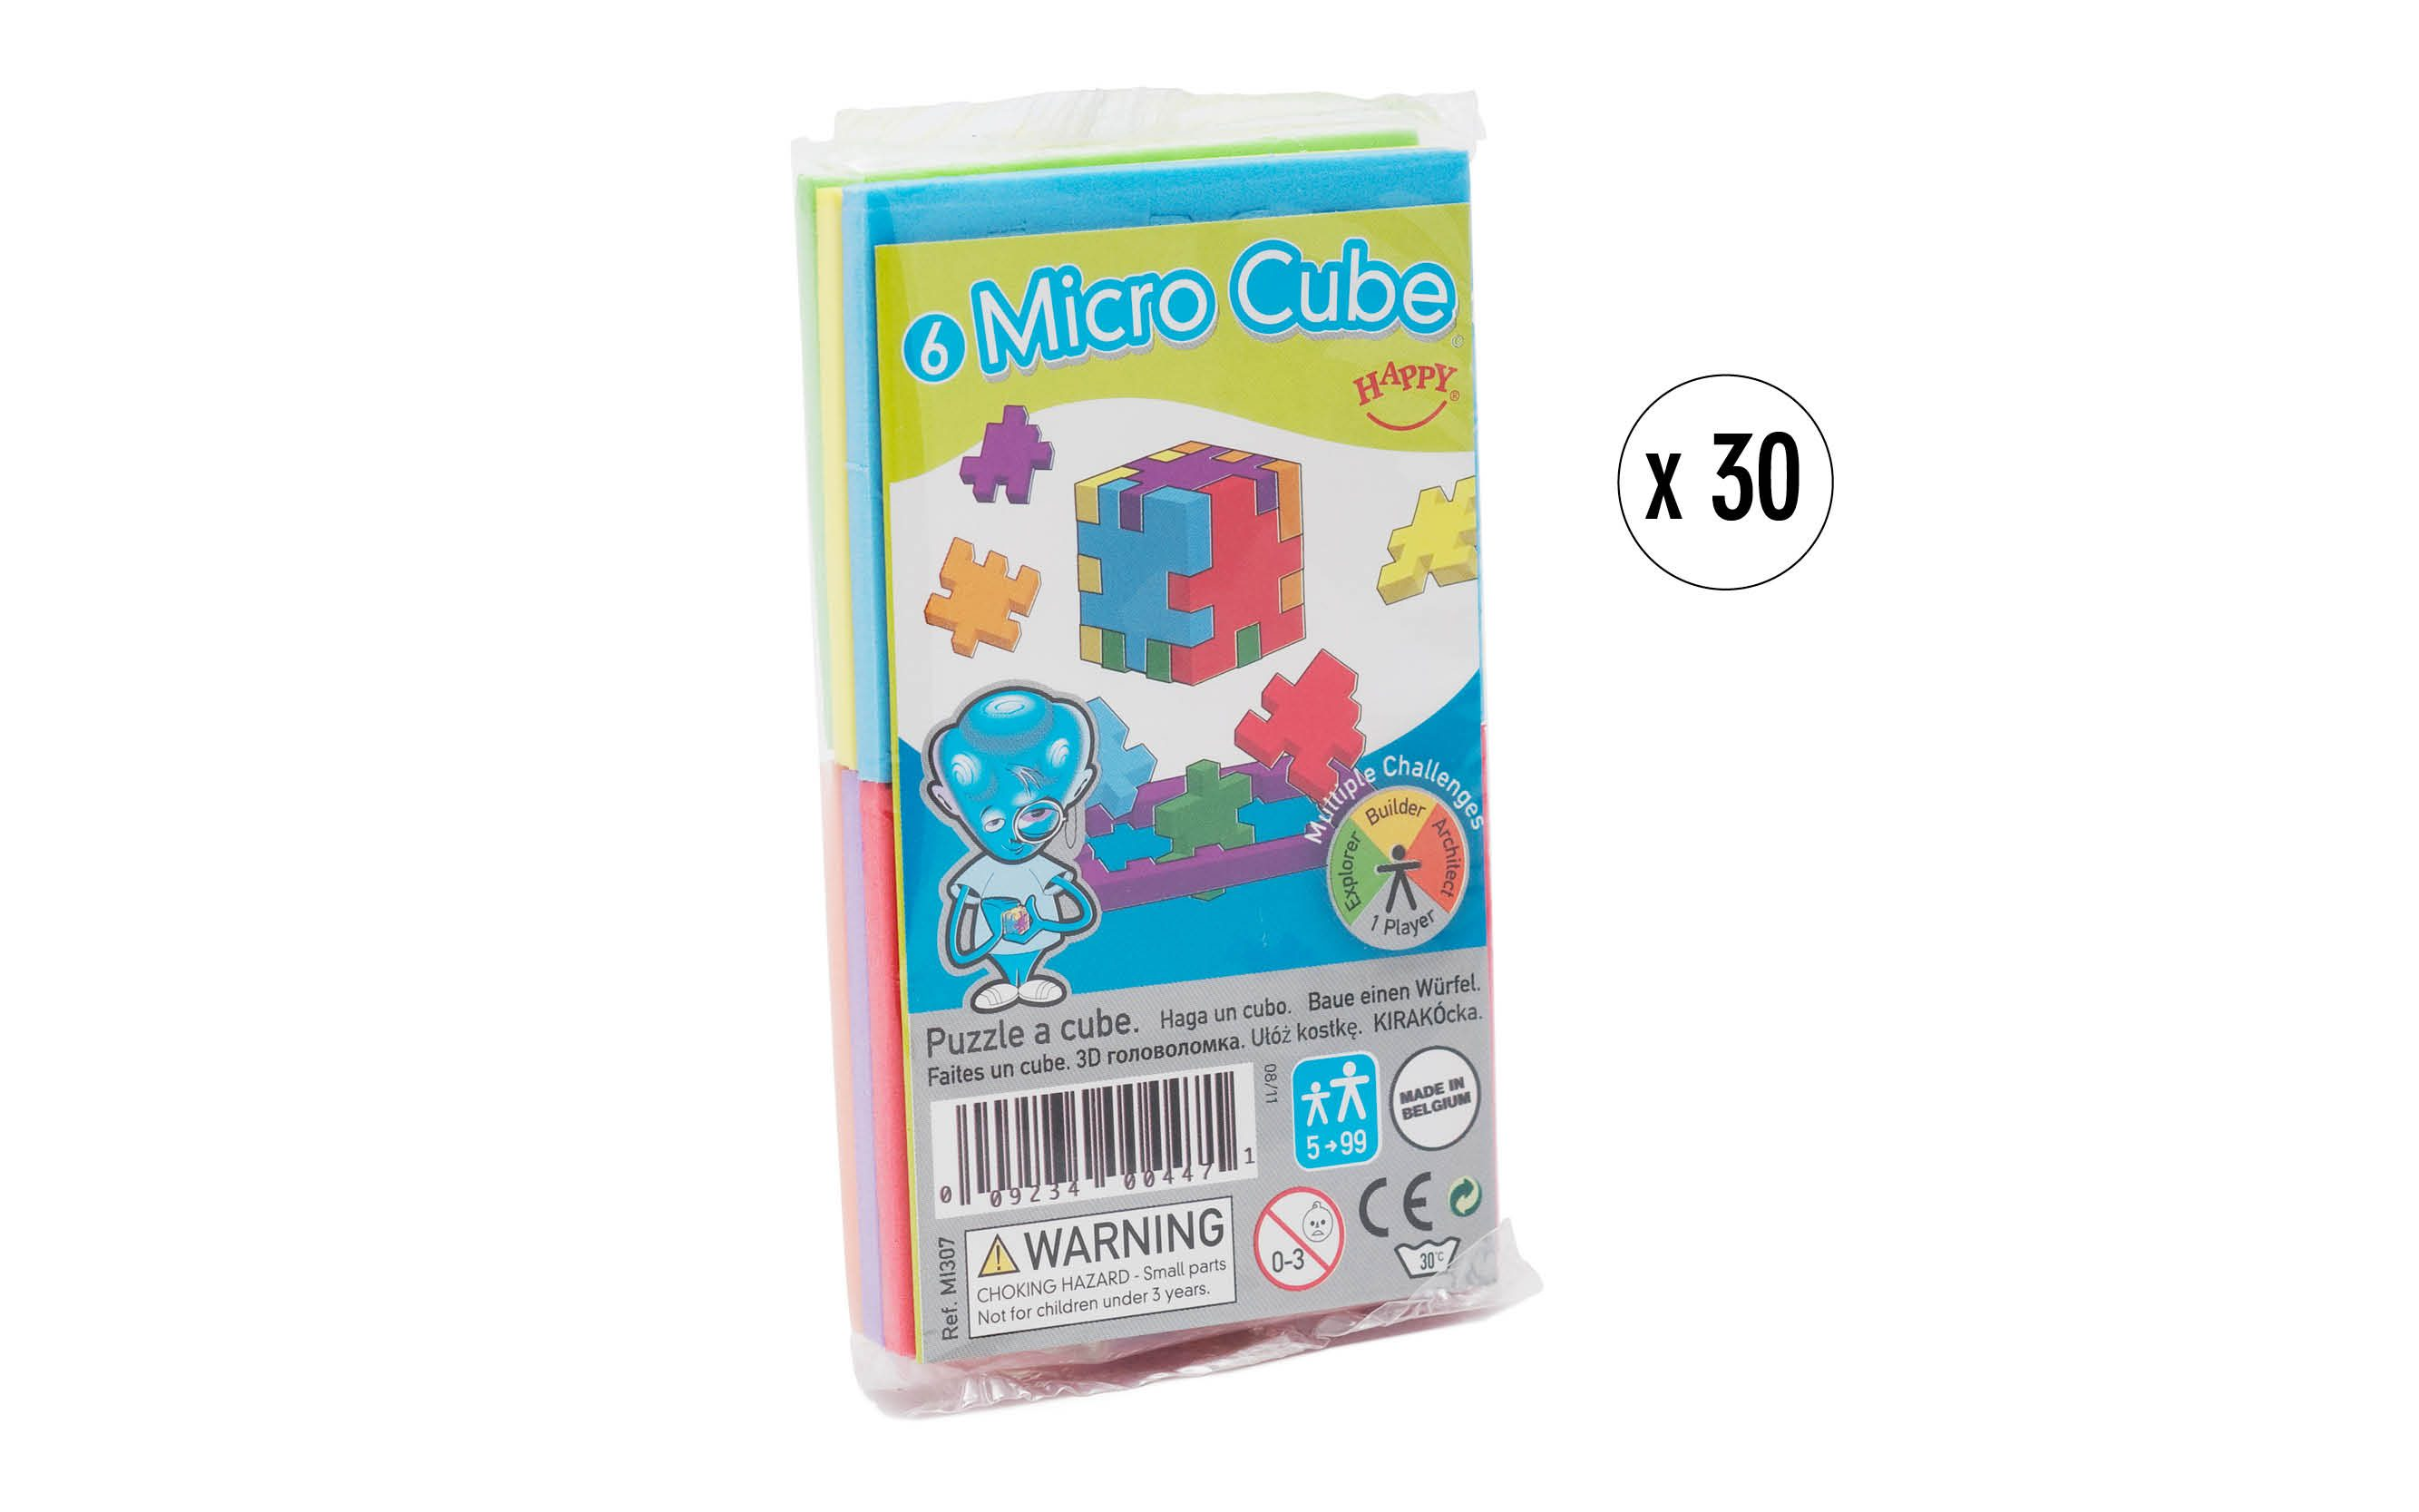 Happy_MicroCube_30-display6_foamcubepuzzles-mini